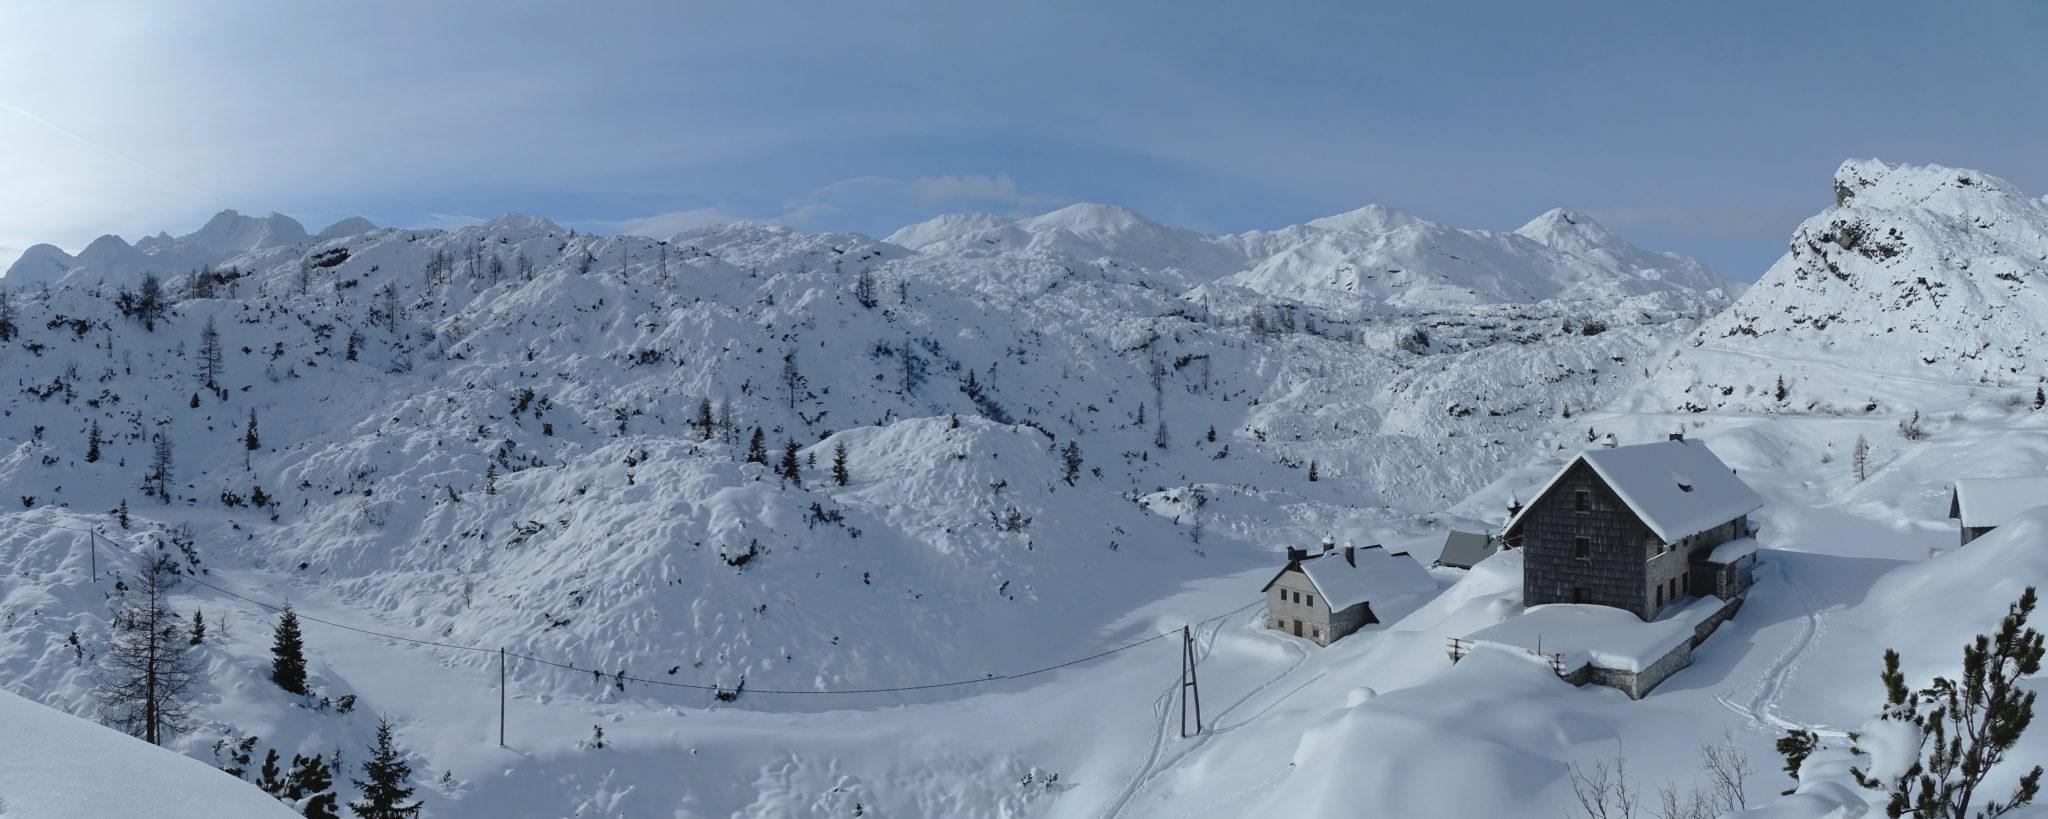 Bogatin mountain hut